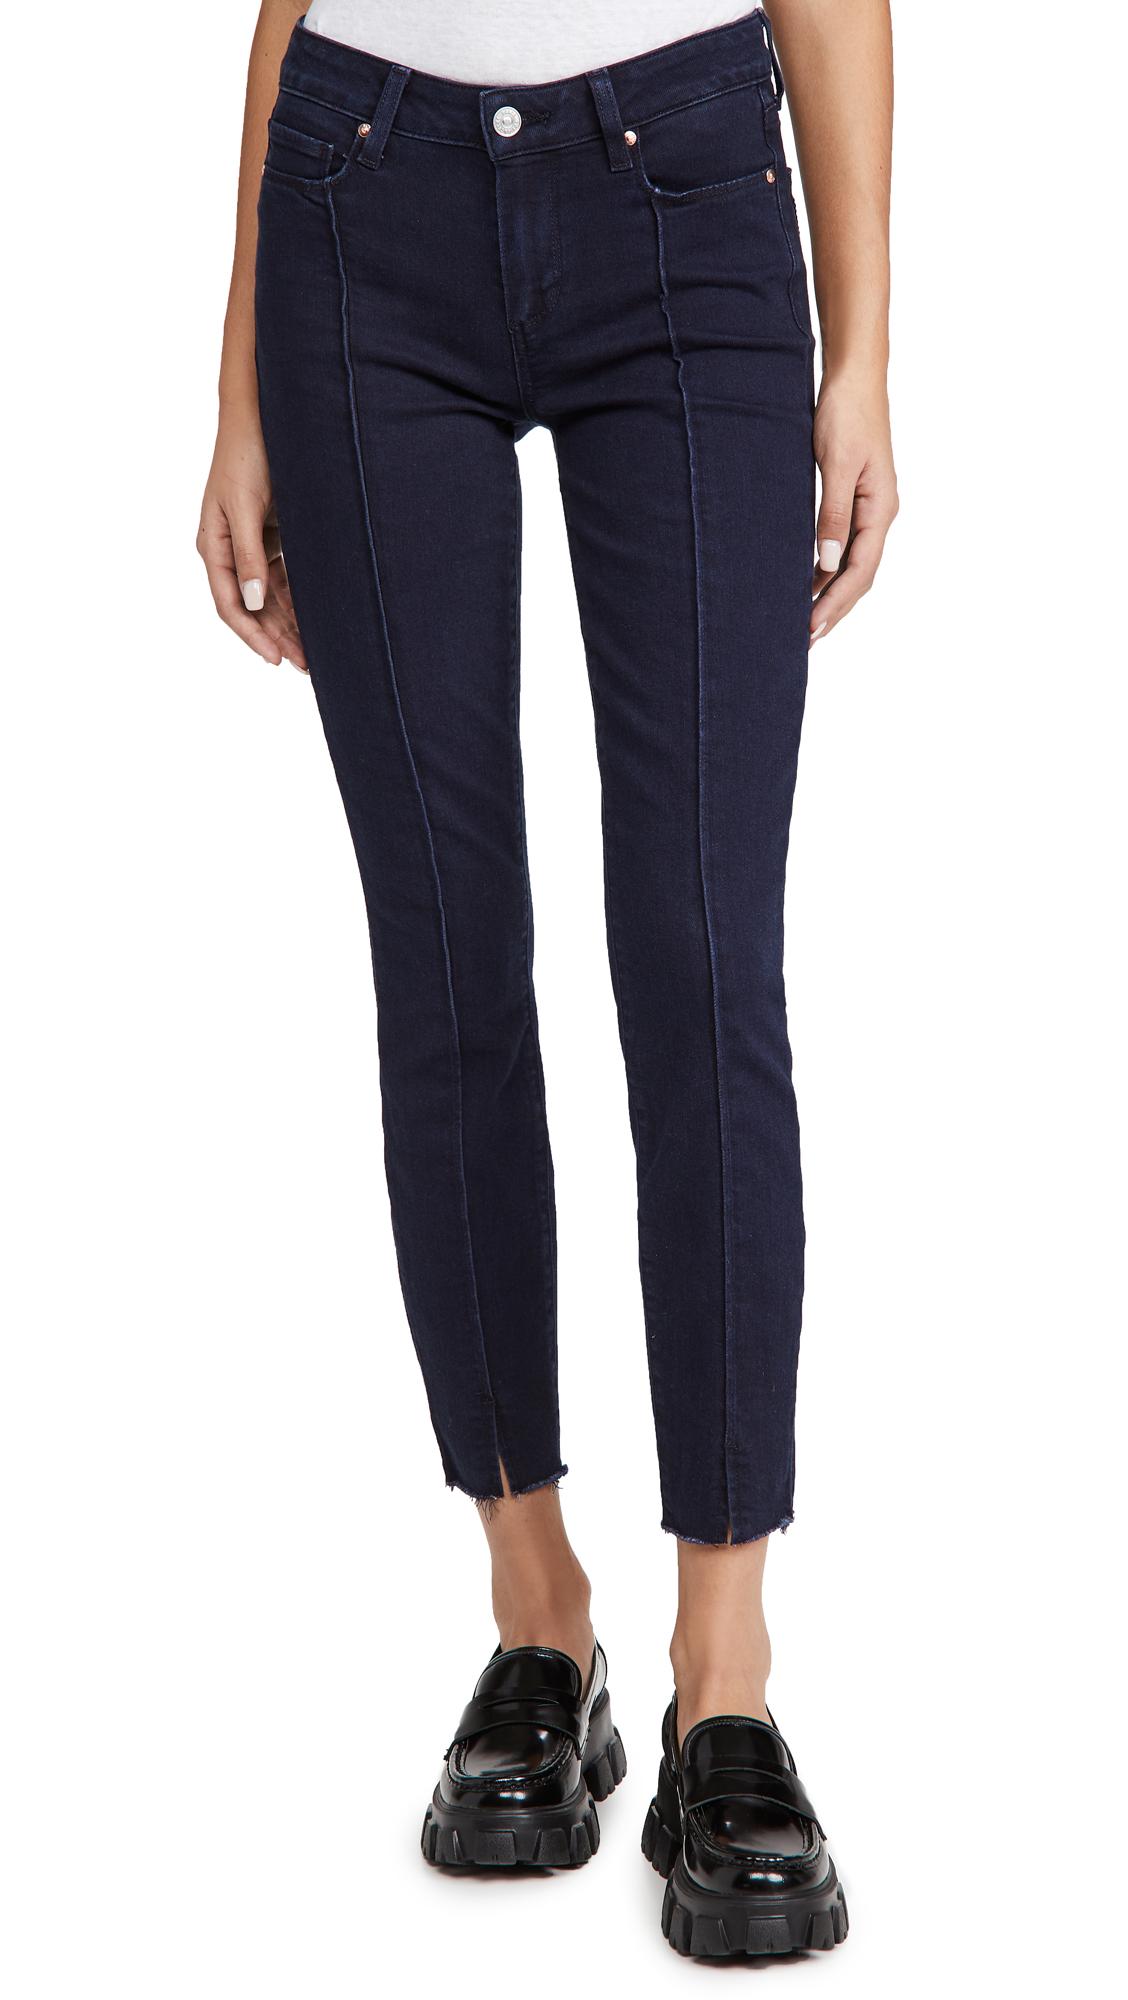 PAIGE Verdugo Jeans